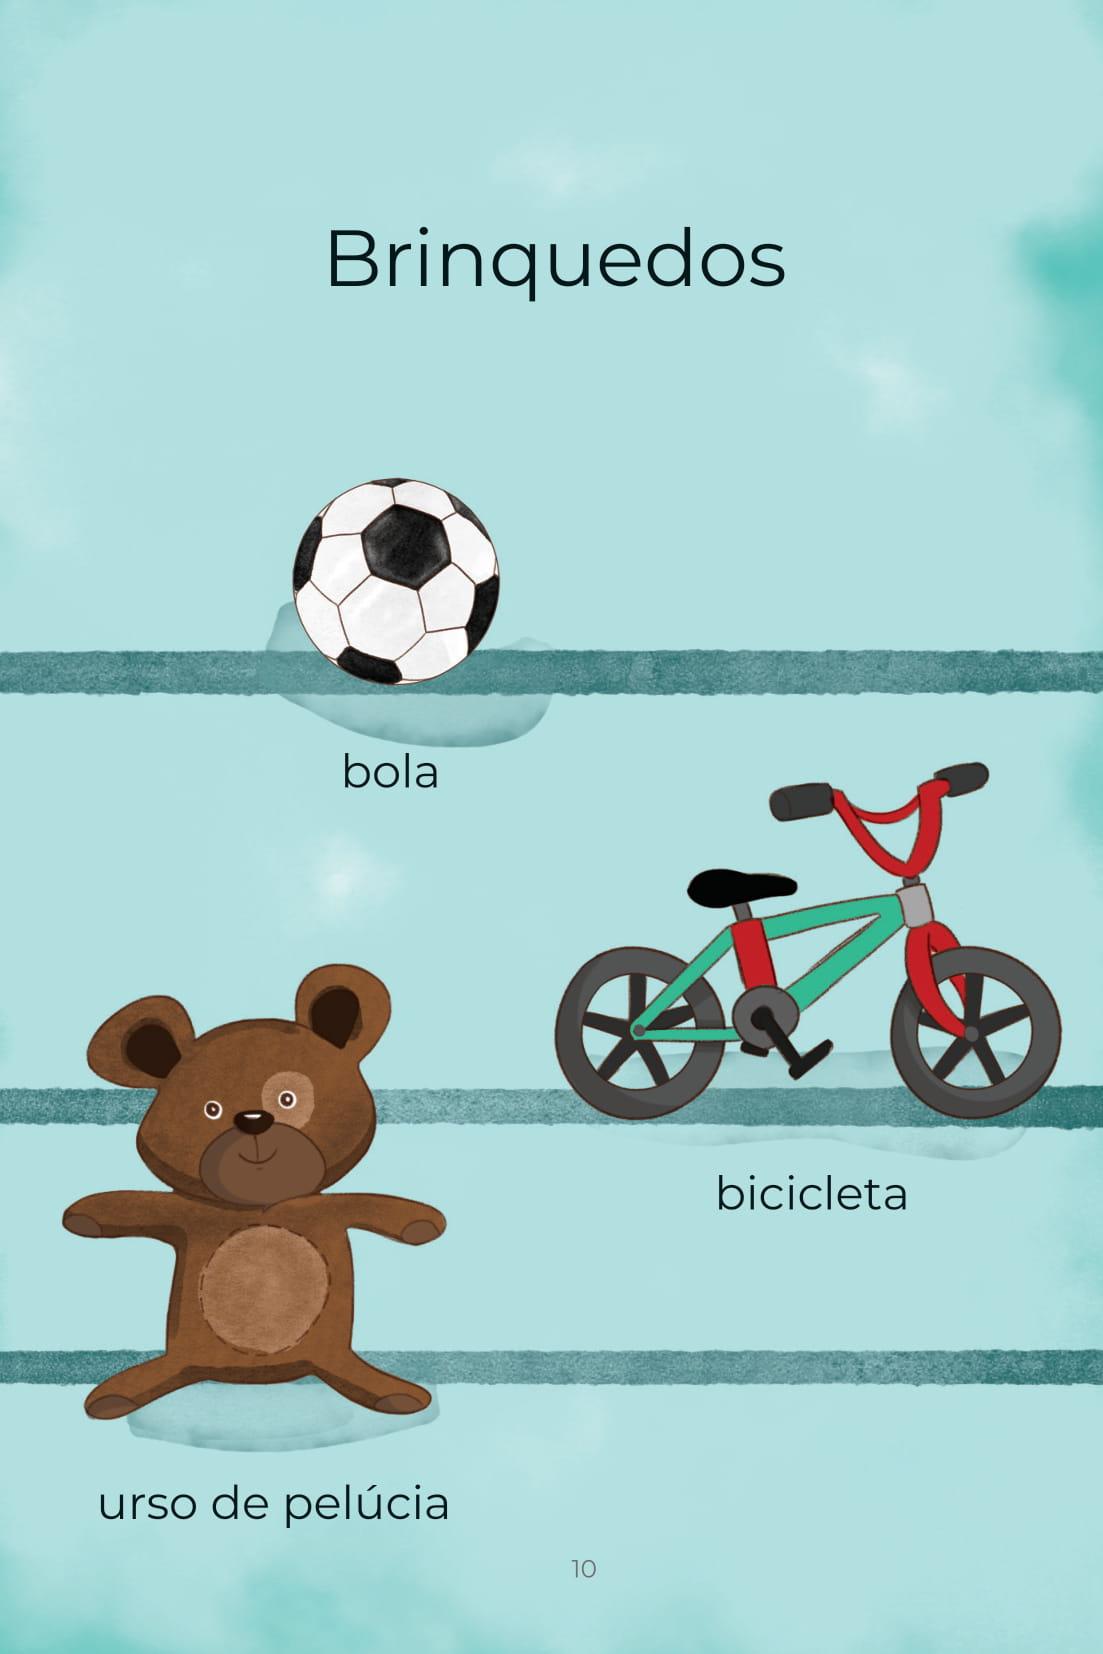 Brinquedos bola bicicleta urso de pelúcia